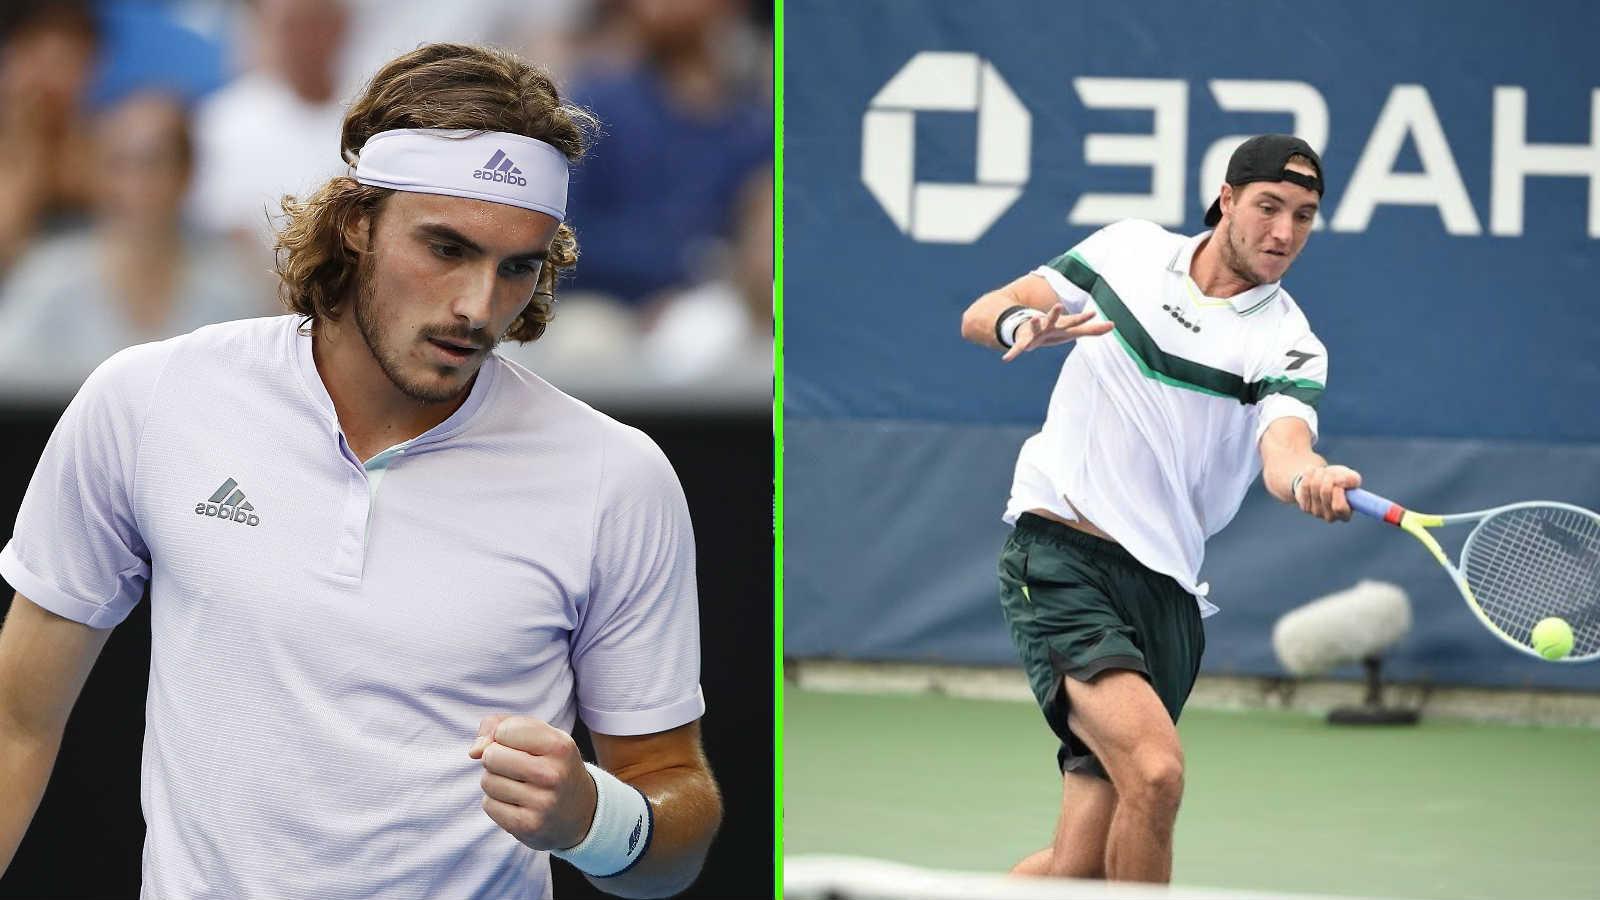 tsitsipas - shtruff prognoz stavki koeffitsienty tennis match 28 oktyabrya 2020 goda